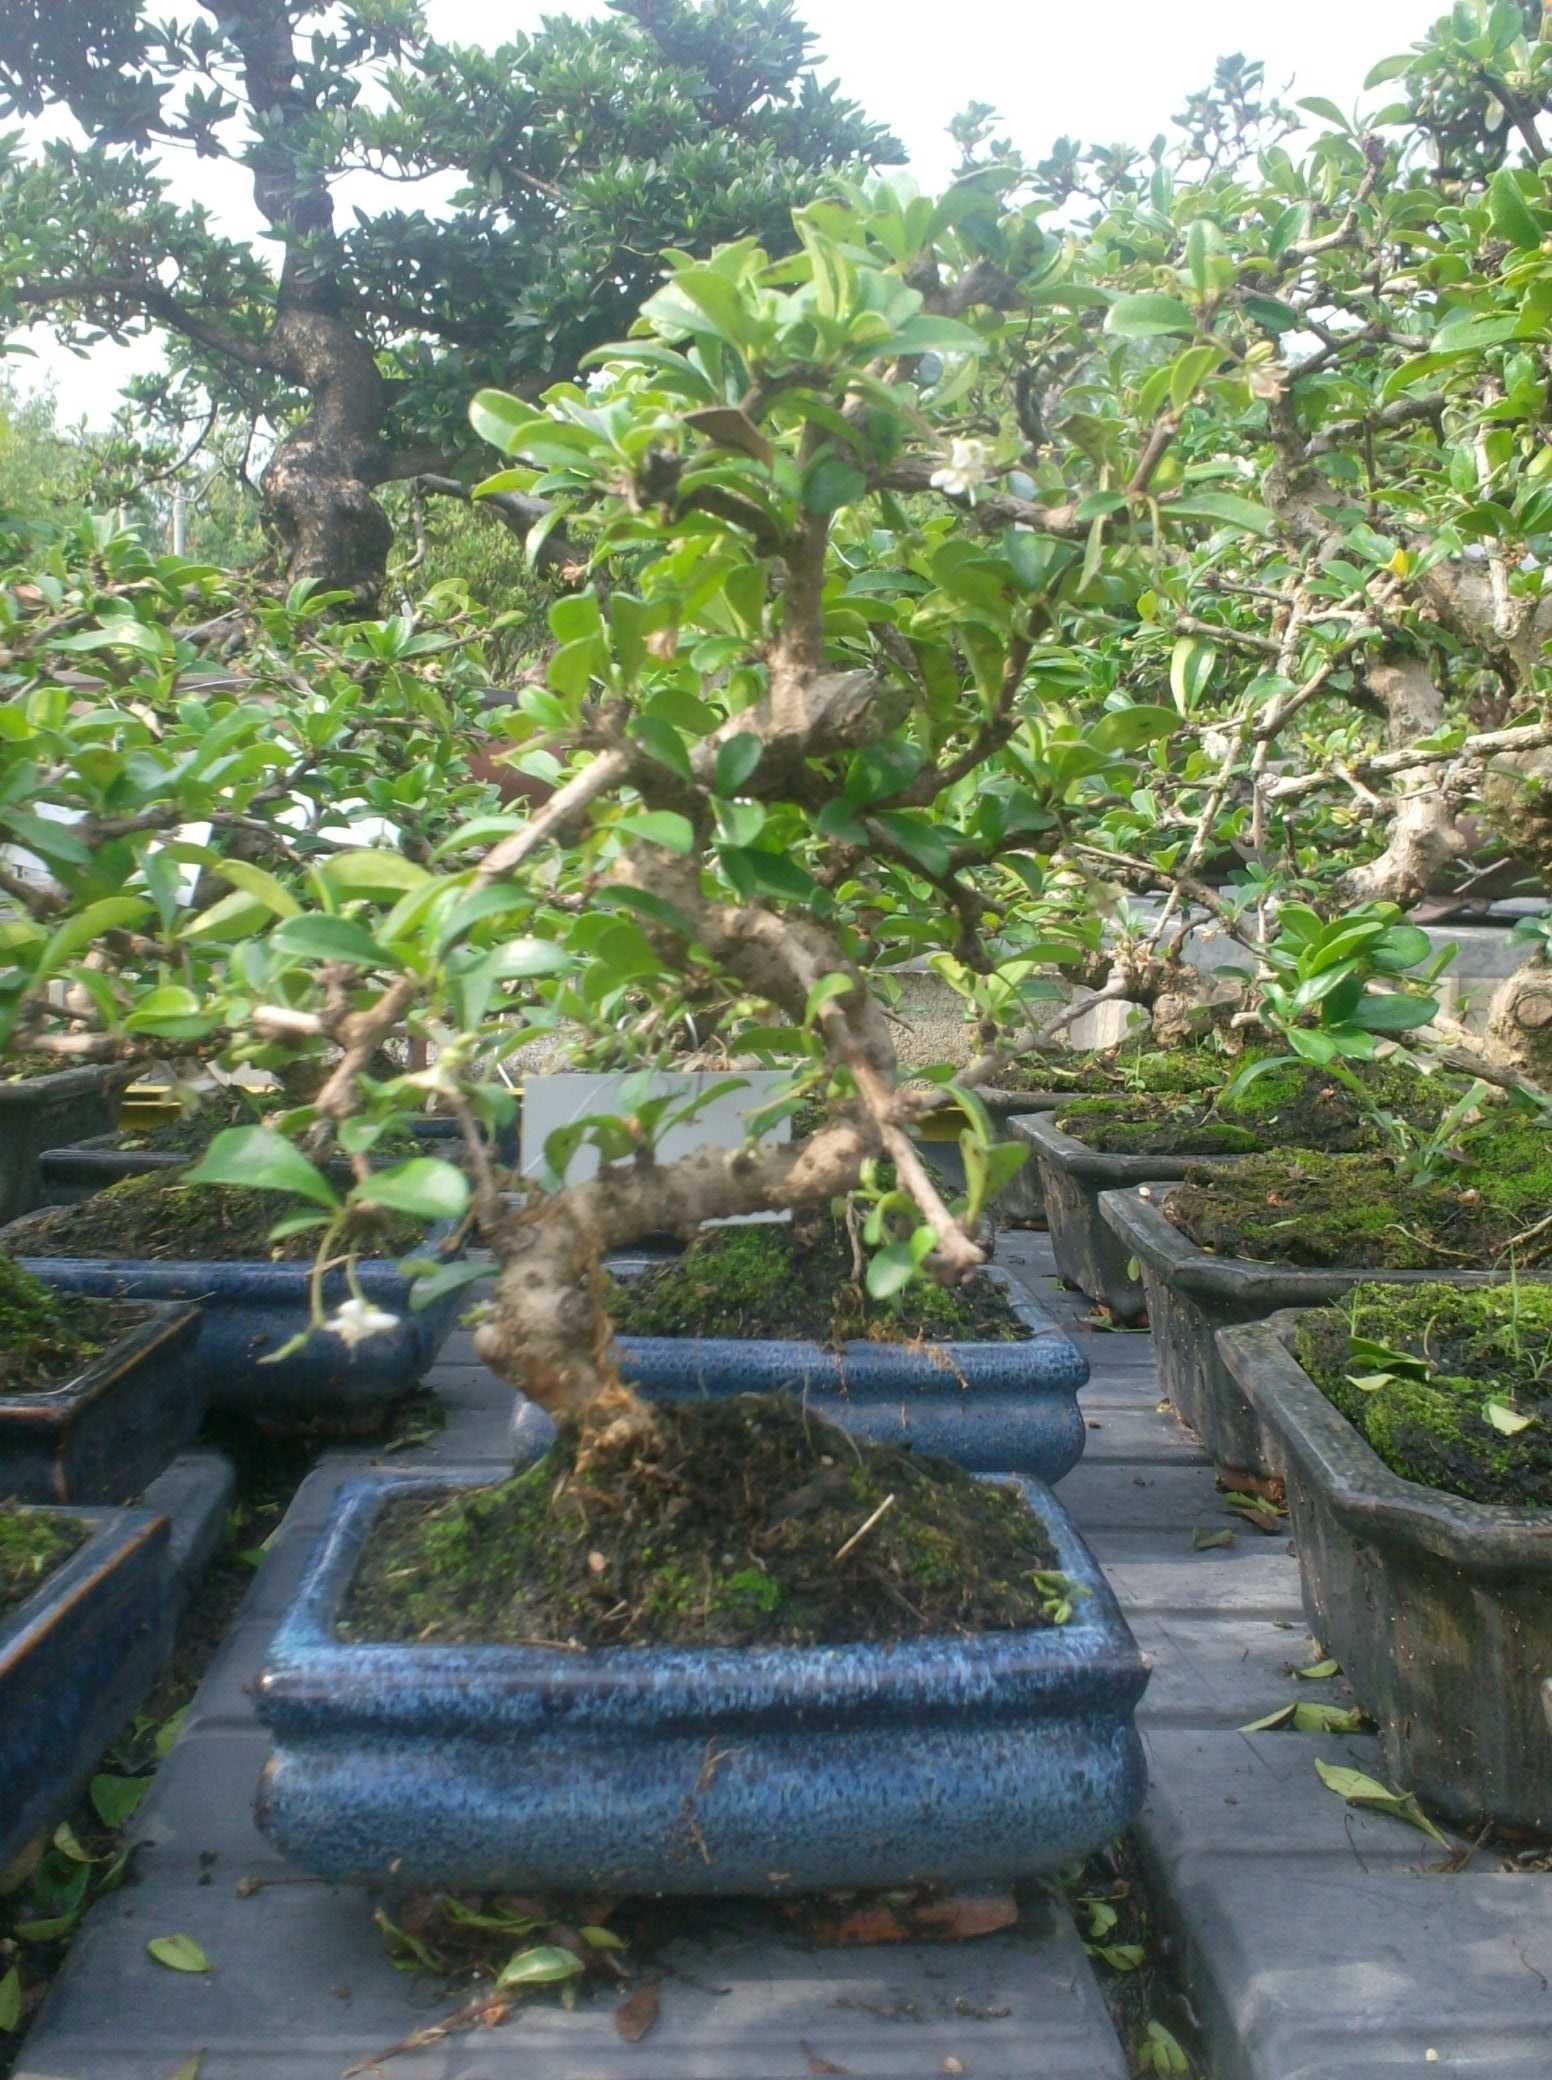 Casa immobiliare accessori tutti i tipi di bonsai for Accessori per bonsai